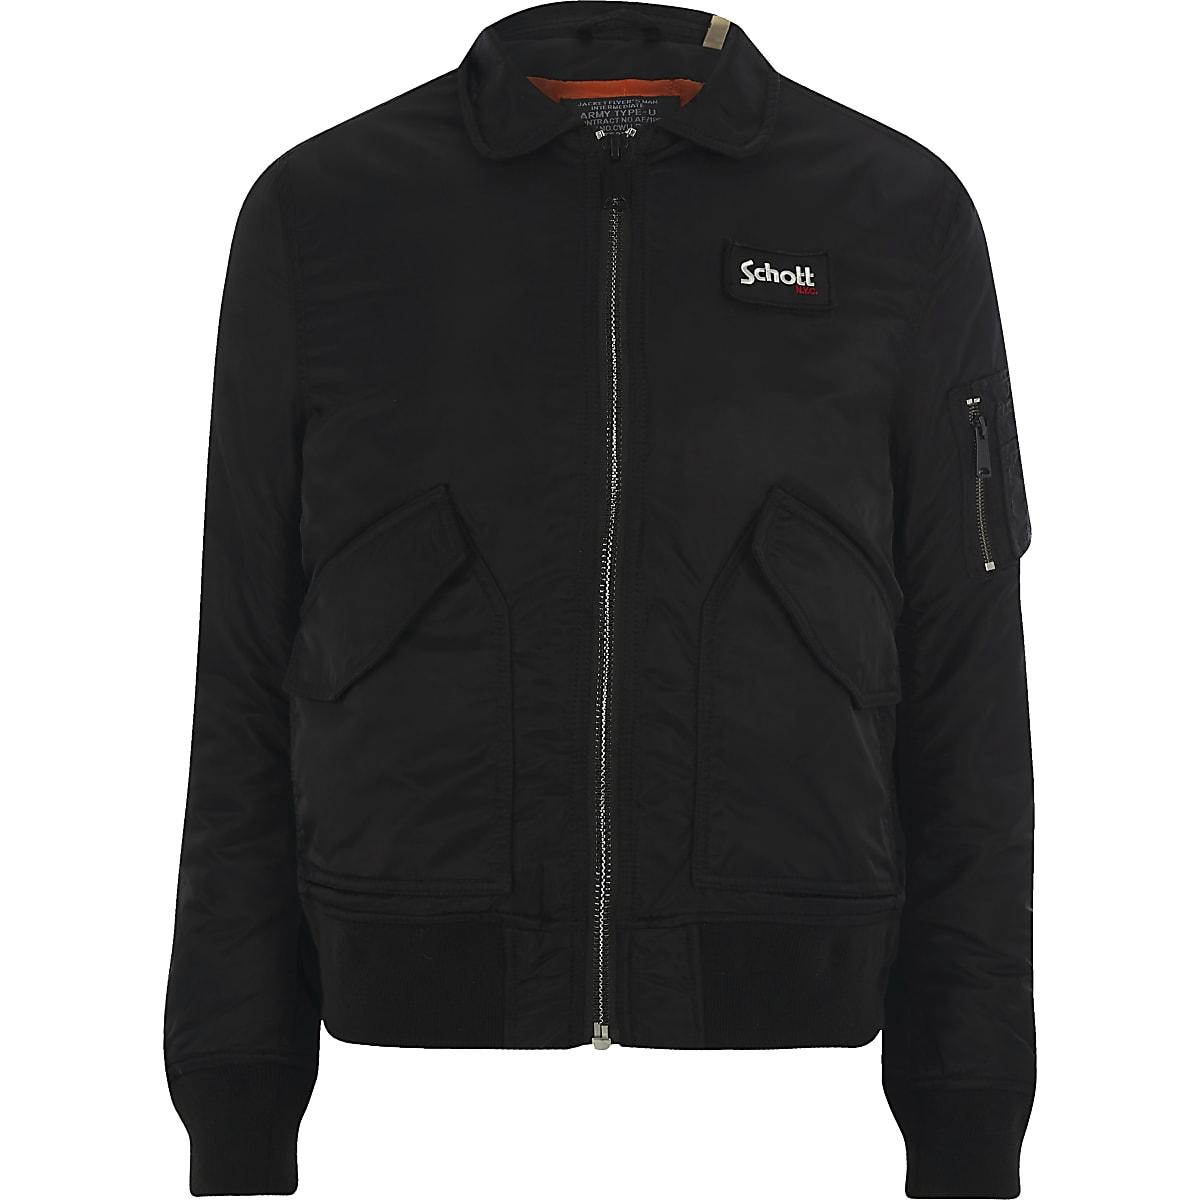 Schott black collar jacket